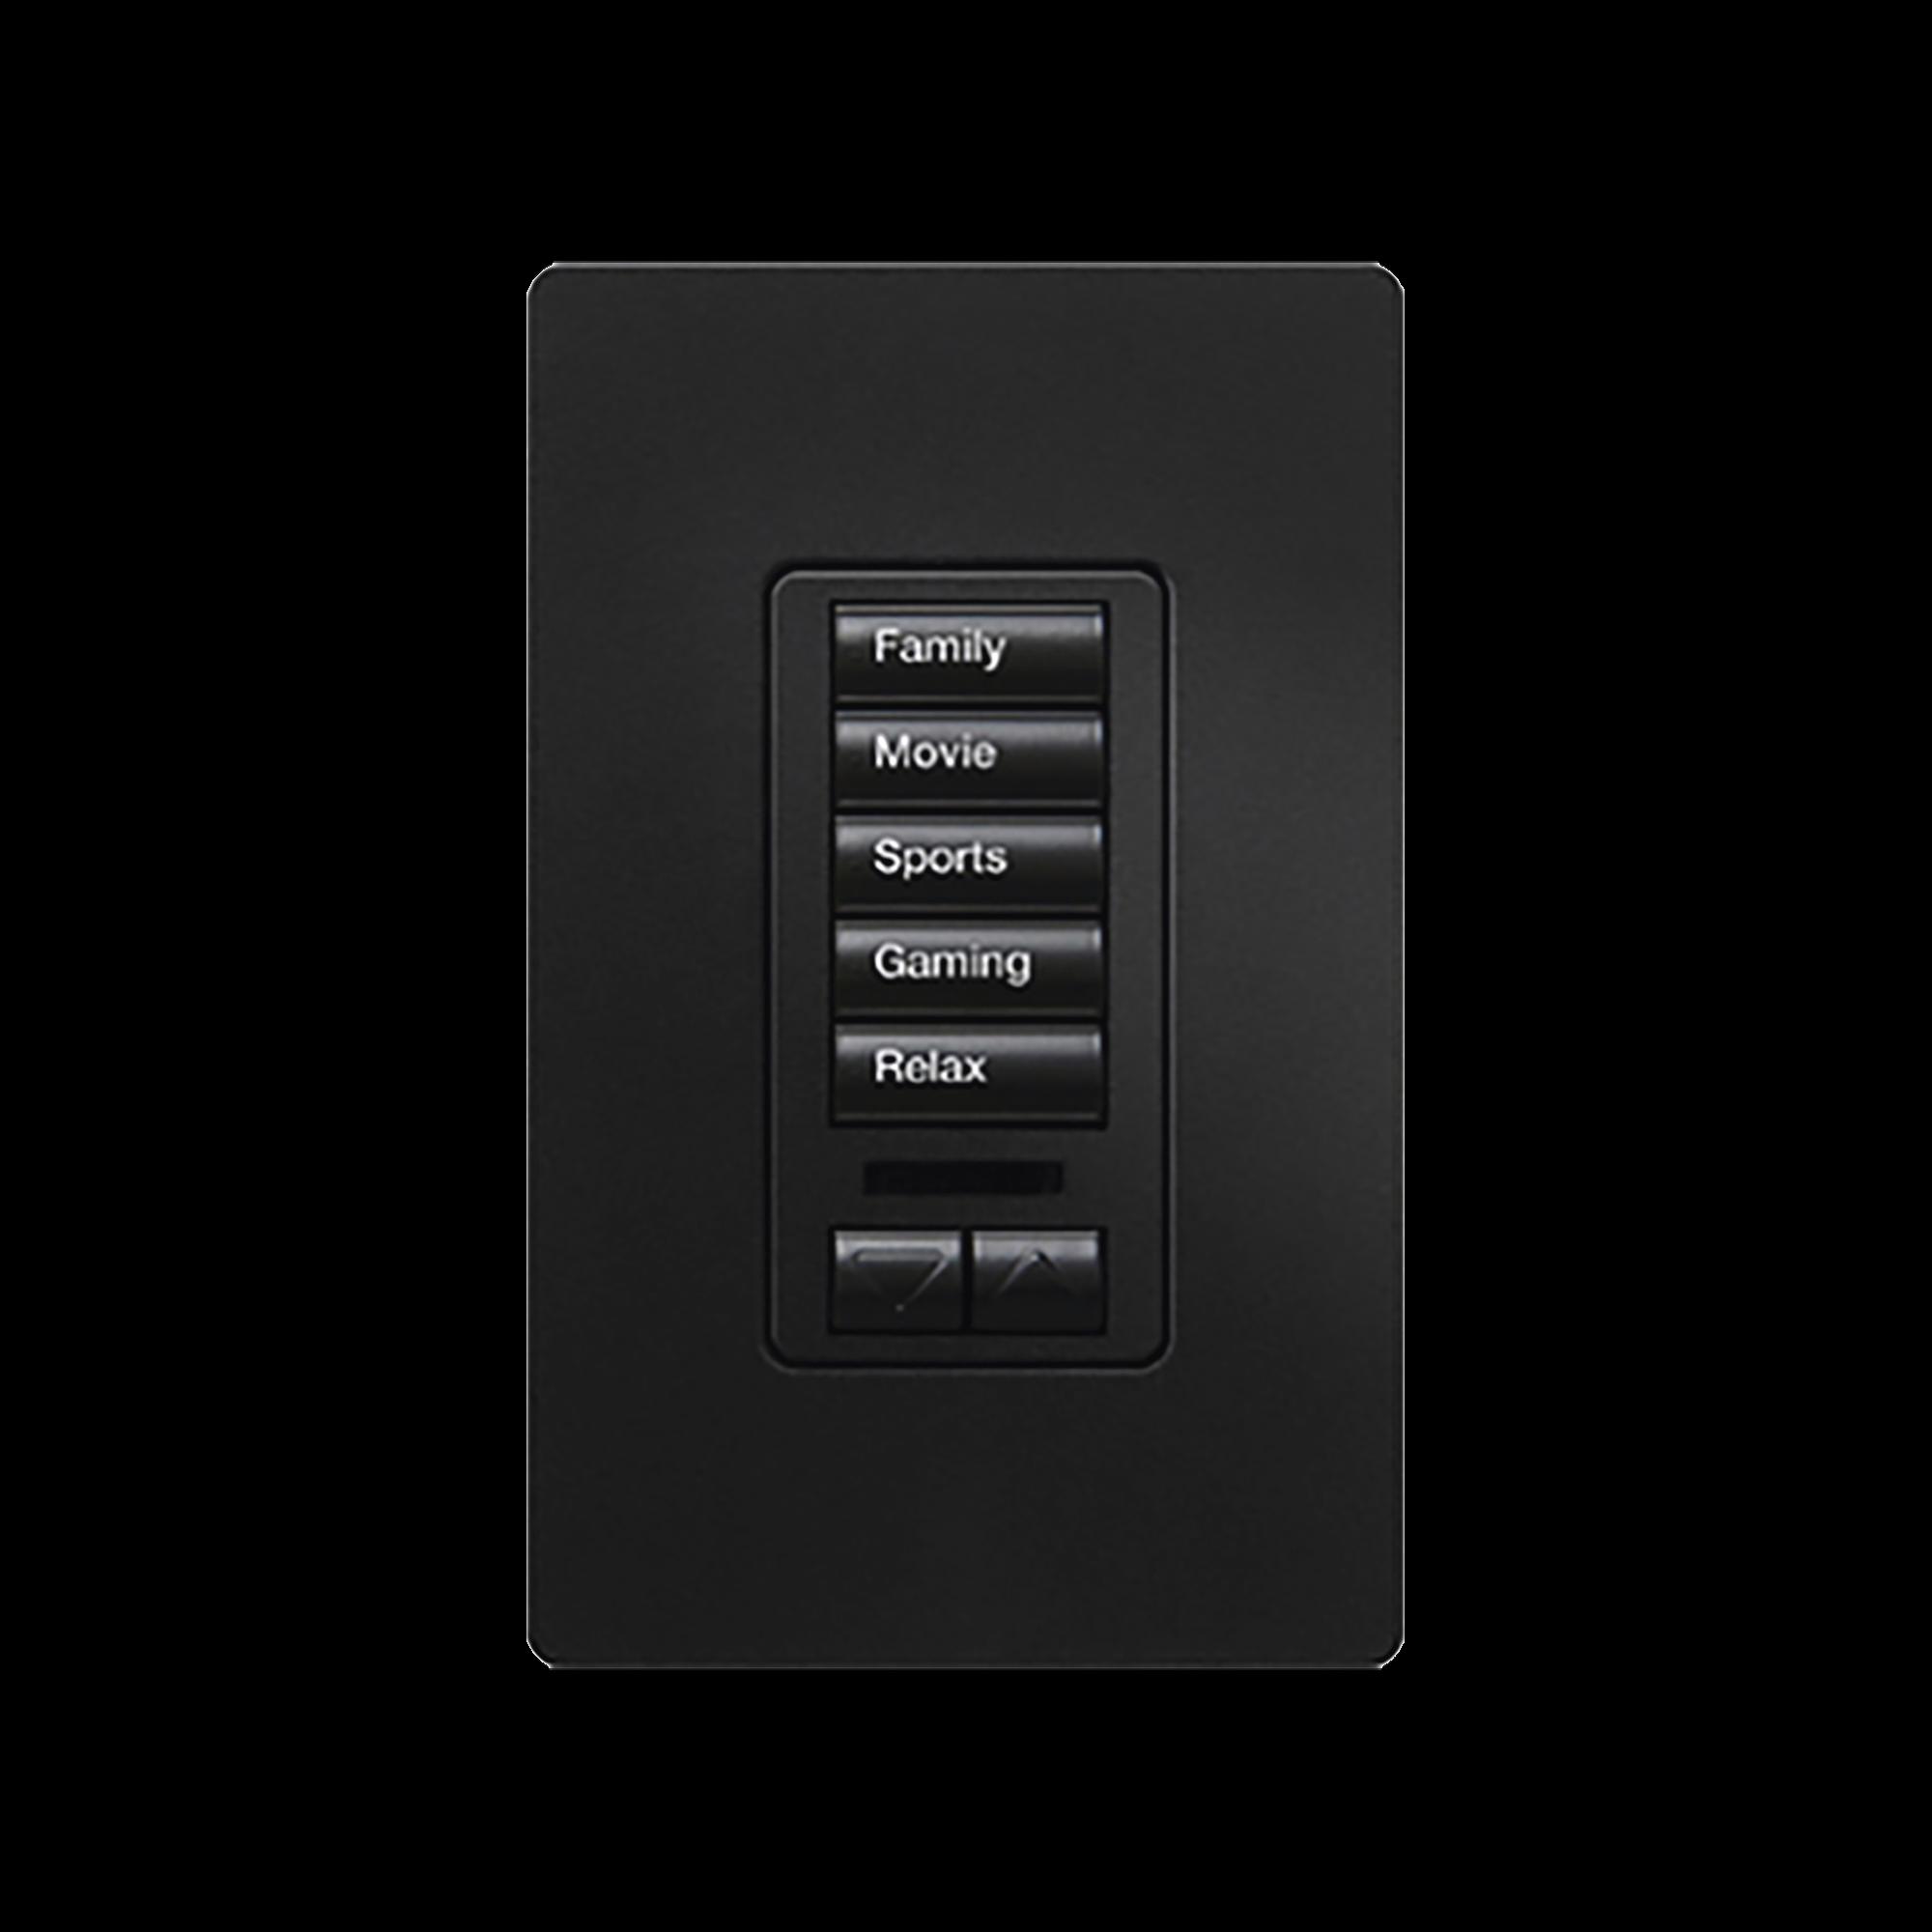 Teclado seetouch 5 botones, programe escenas diferentes en cada botón